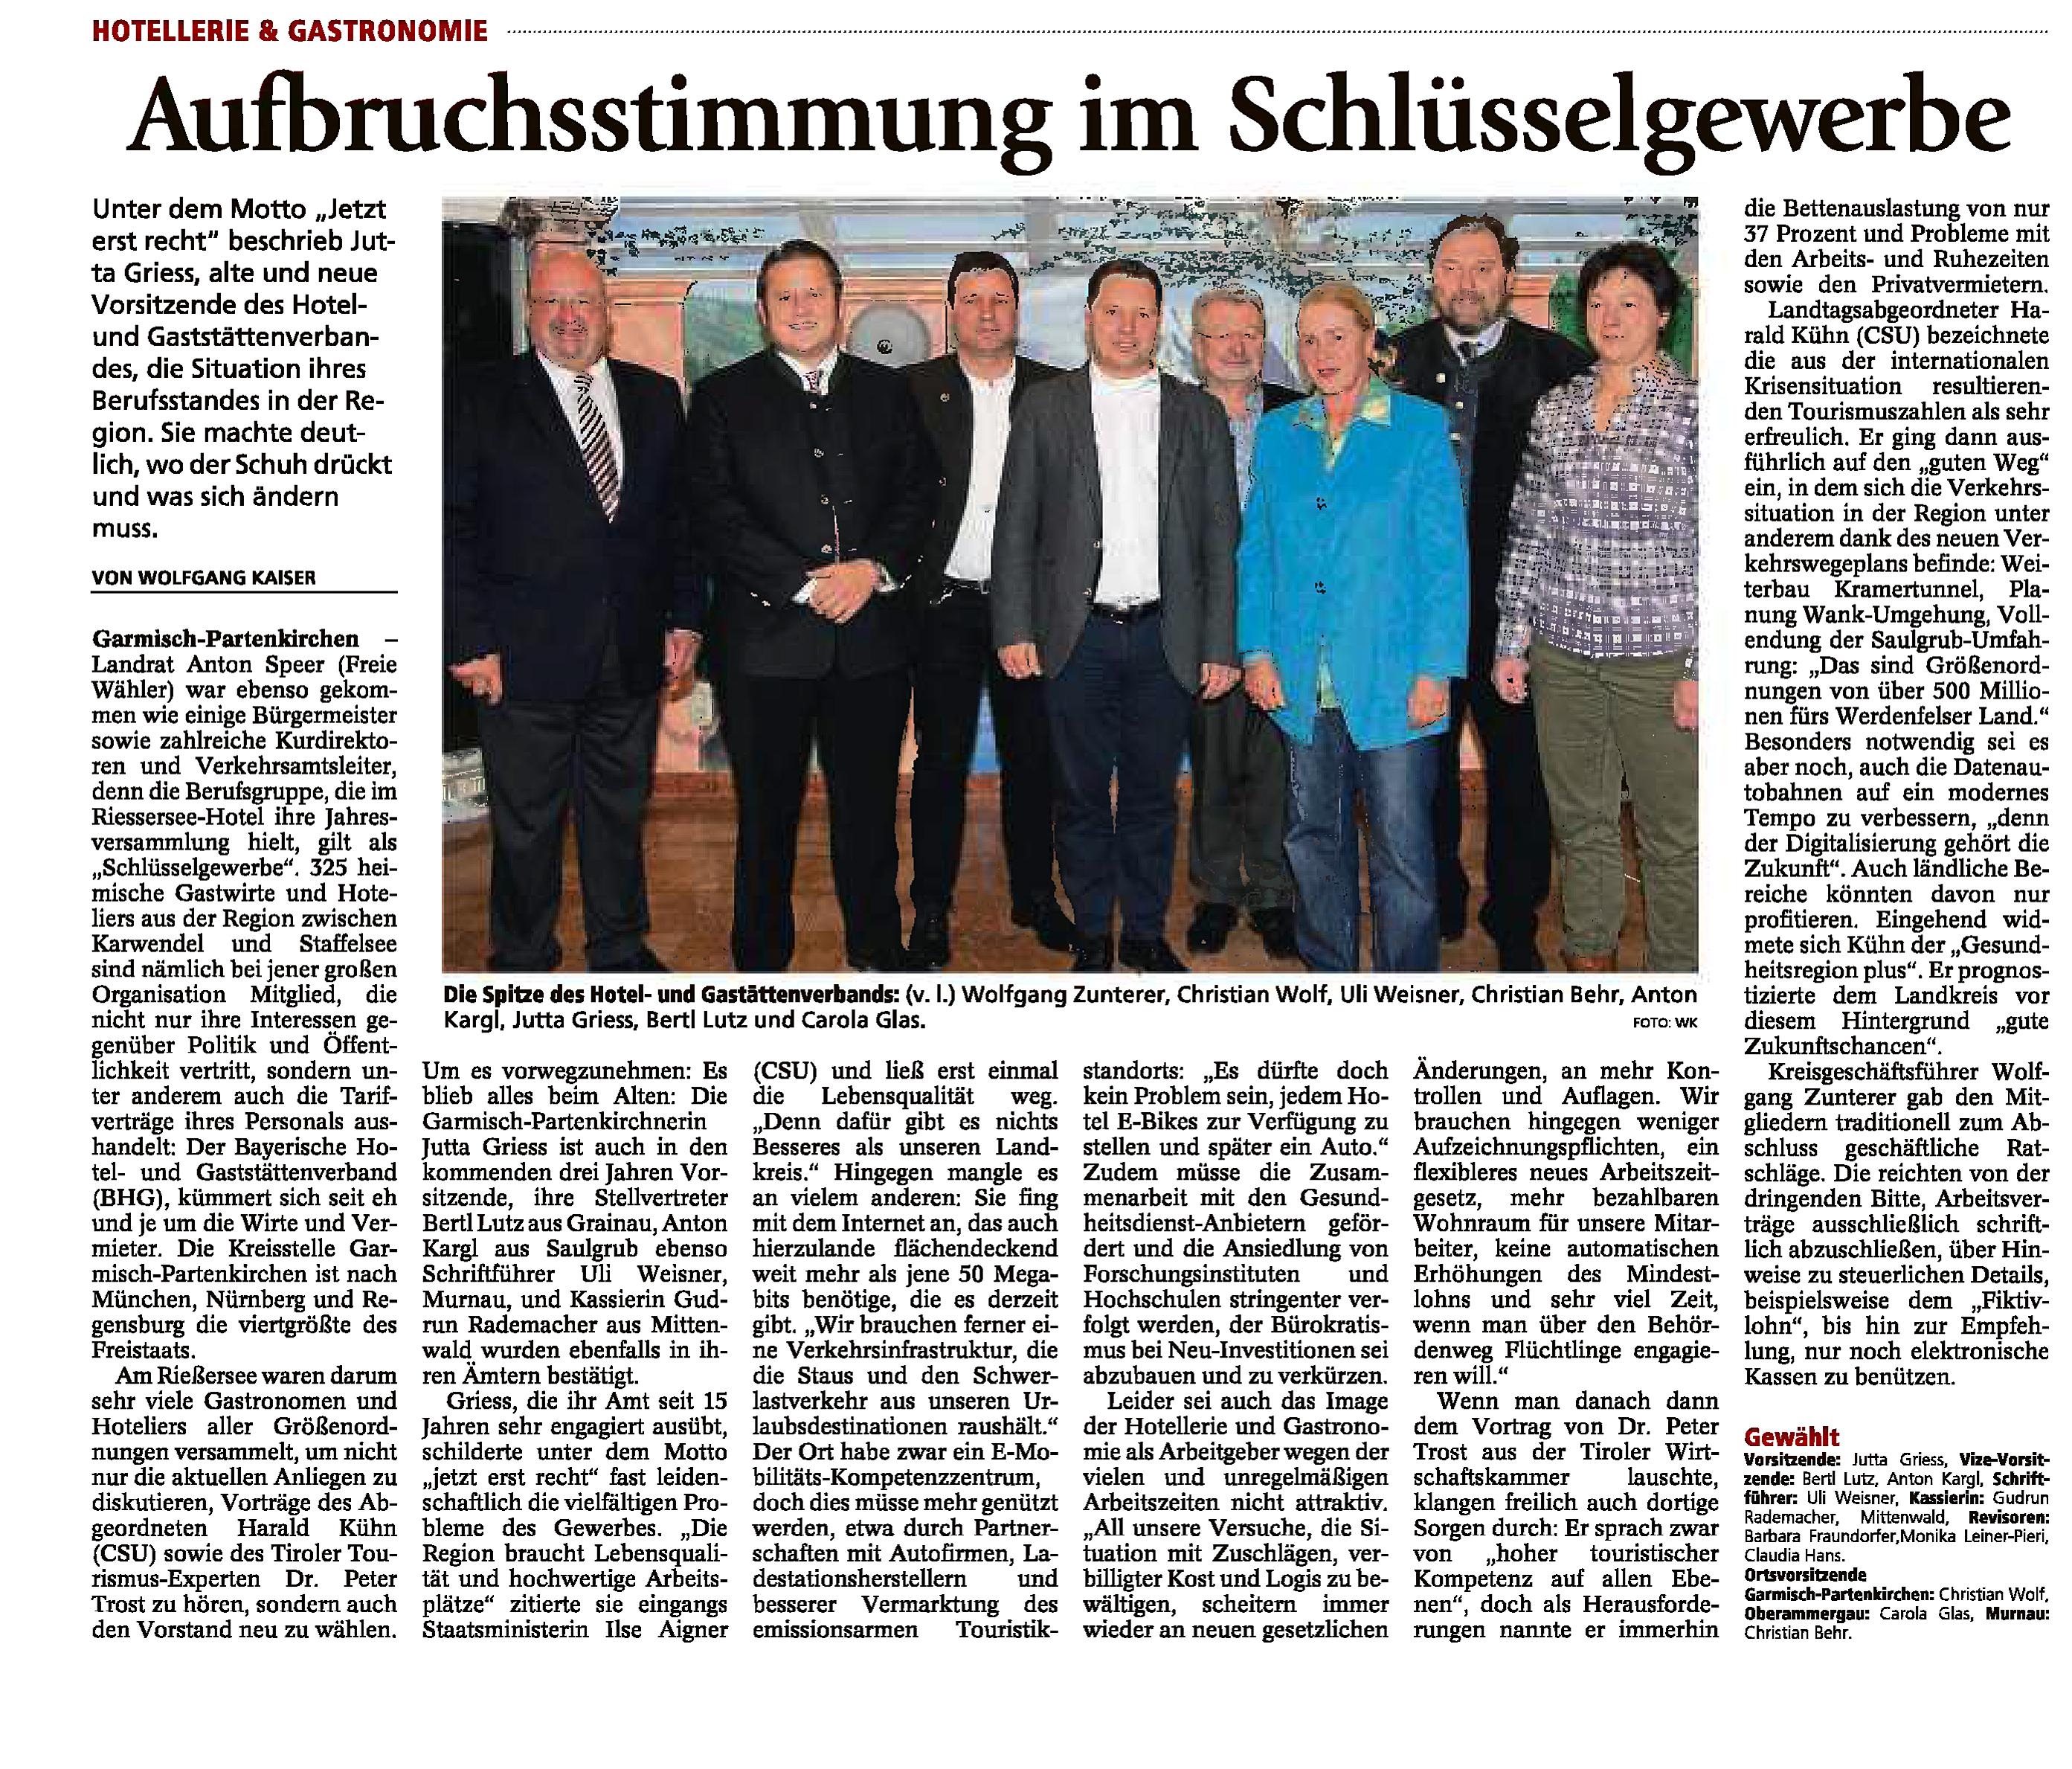 Garmisch-Partenkirchner Tagblatt 14.11.2016